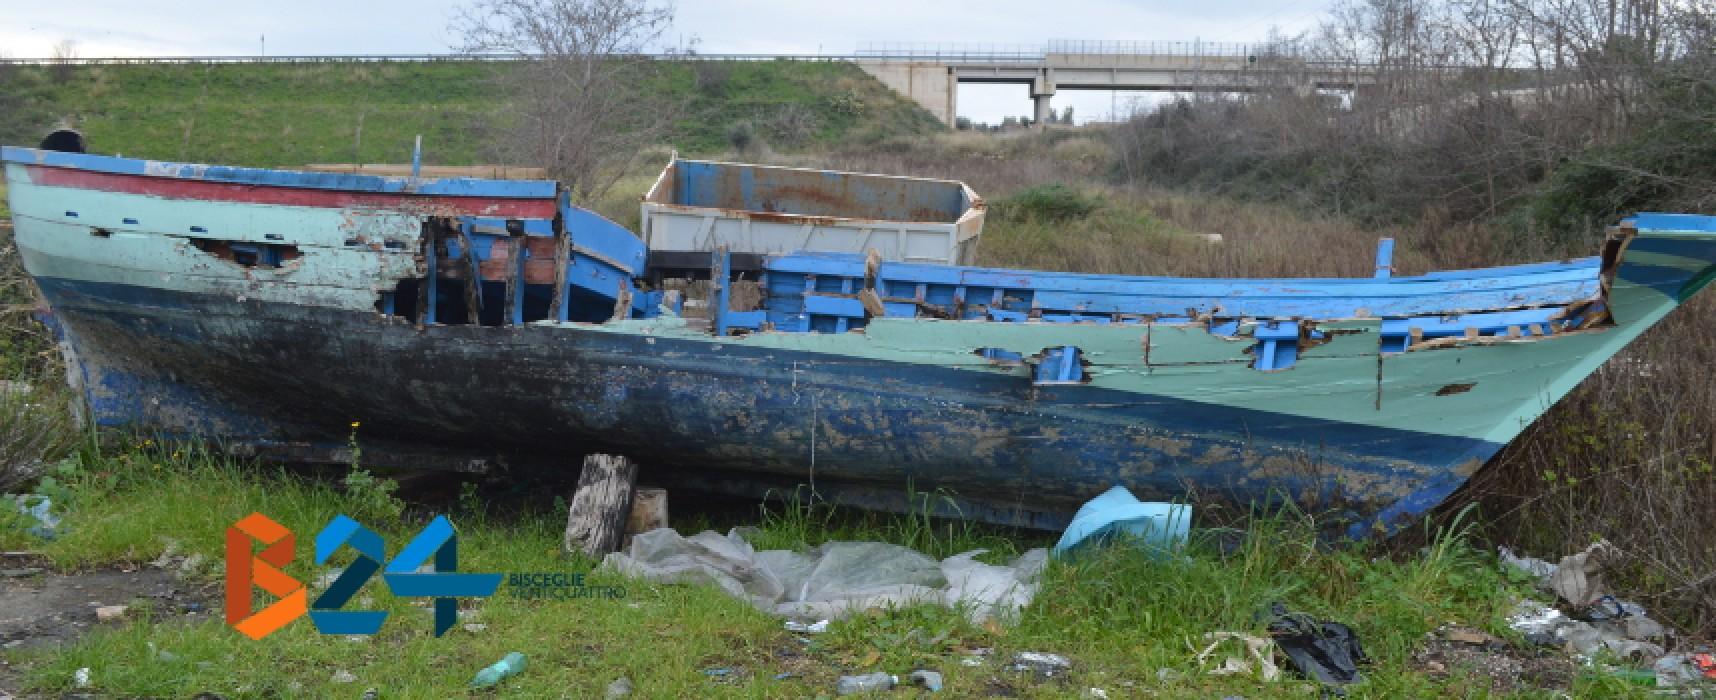 Barca da pesca abbandonata nella zona industriale di Bisceglie / FOTO